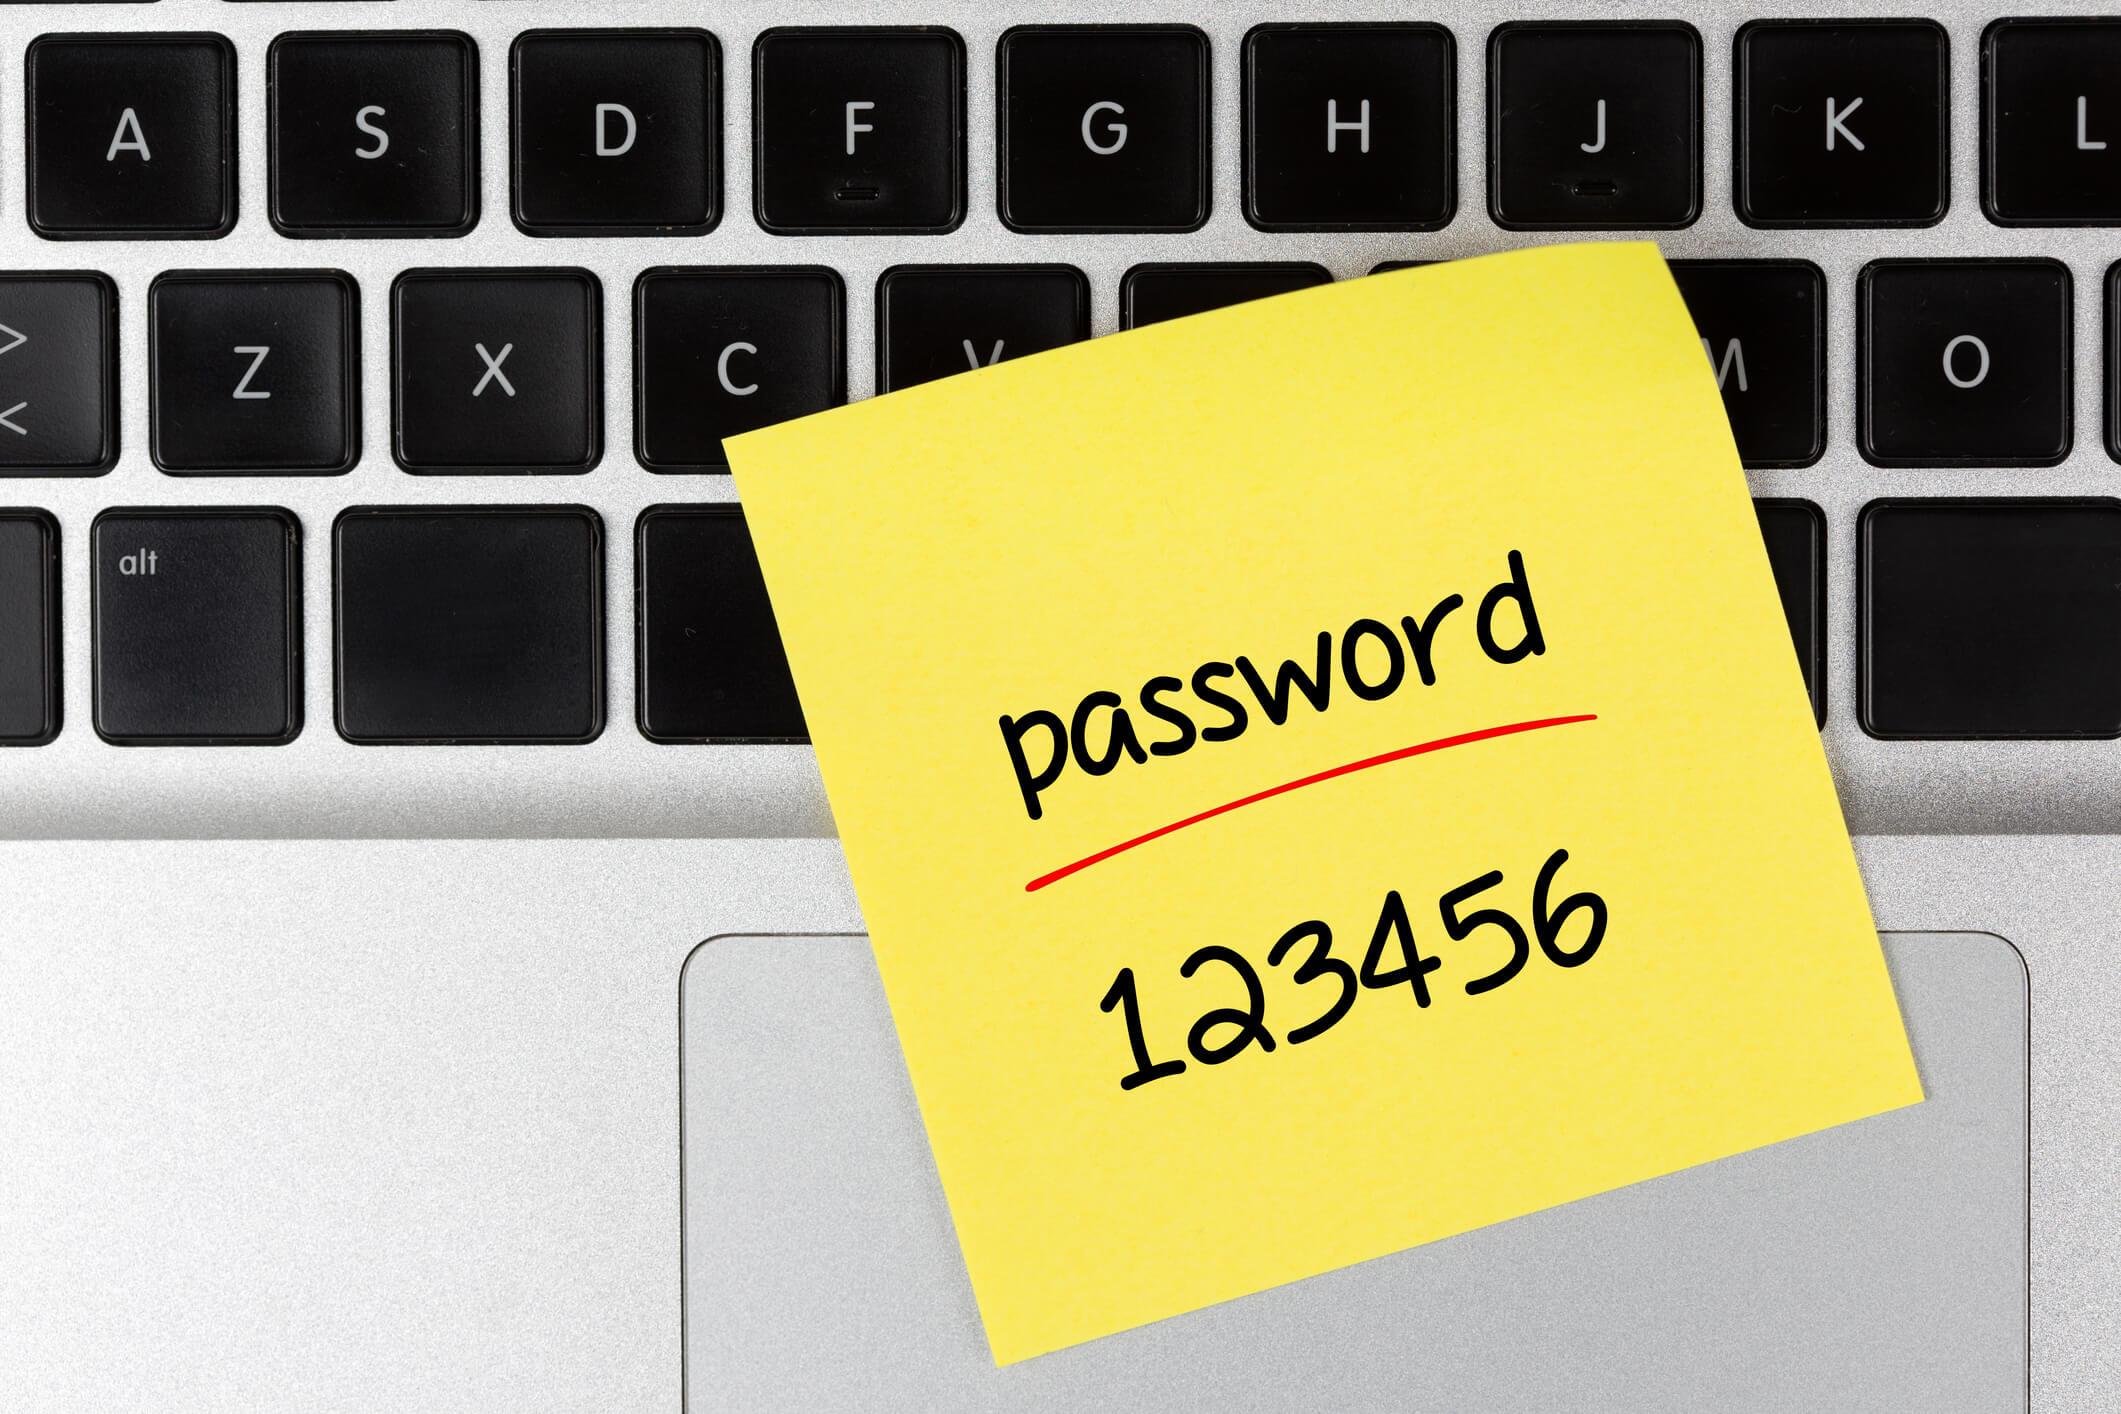 Що робити, якщо втратили логін чи пароль від особистого кабінету на 104.ua?